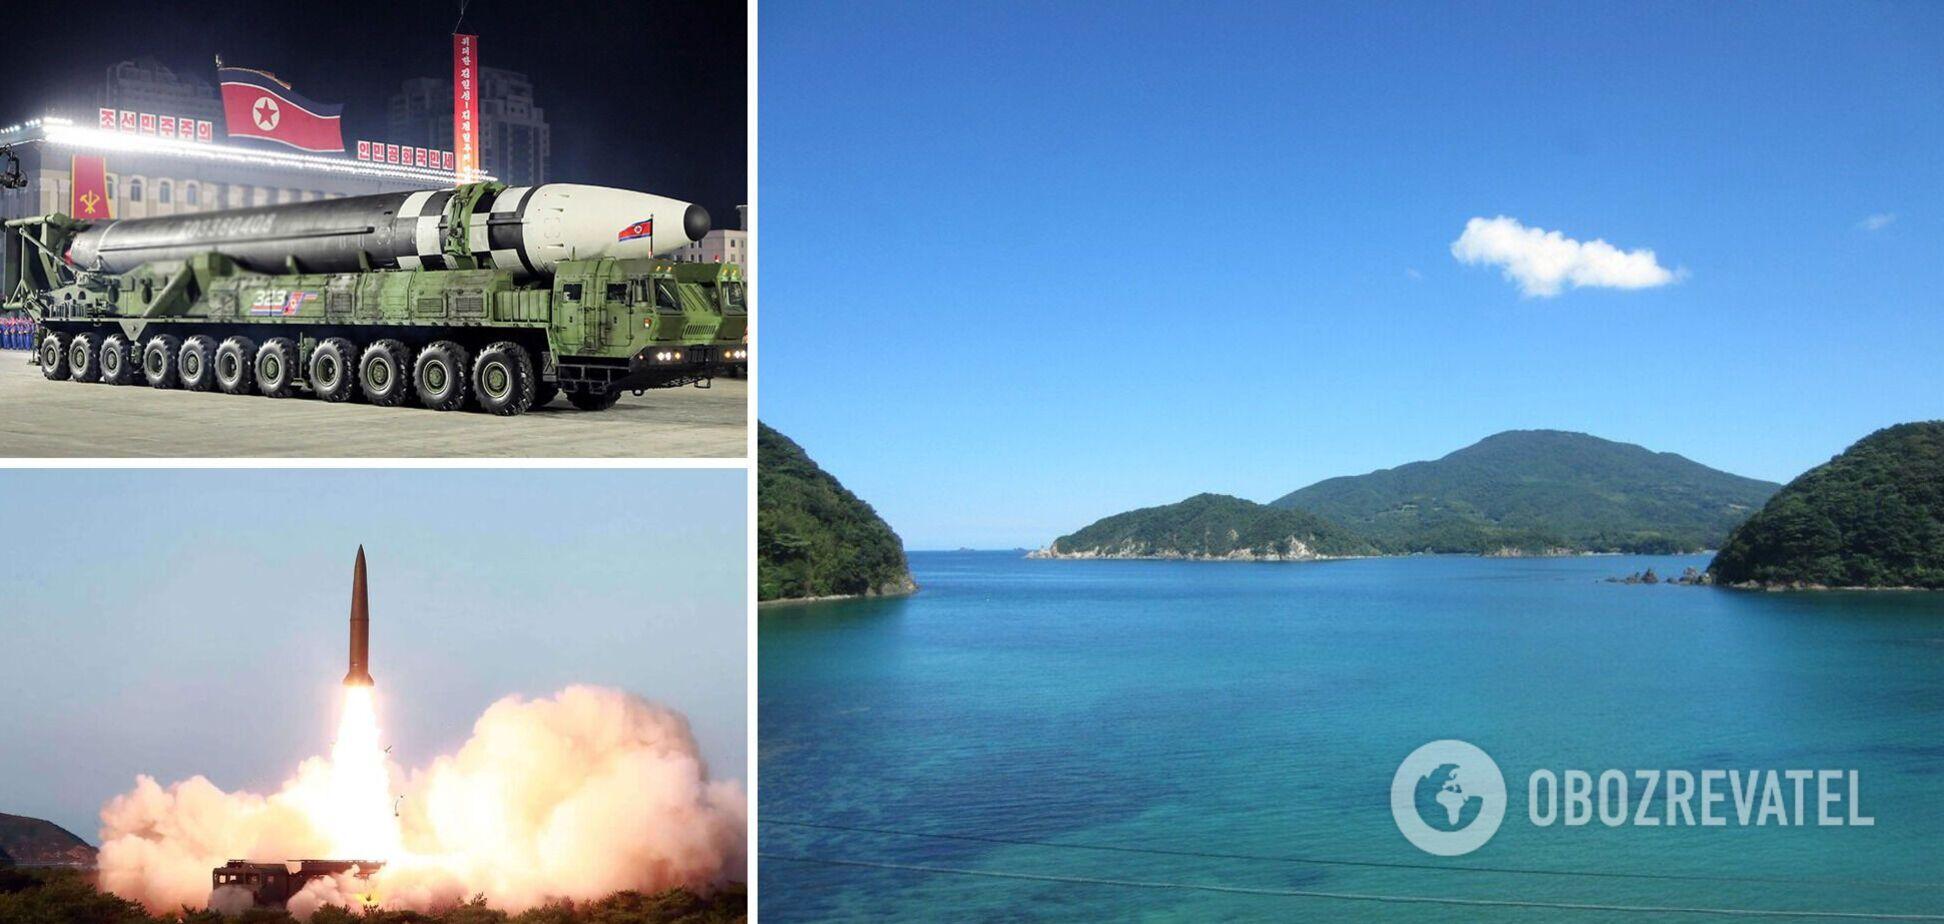 КНДР могла выпустить баллистическую ракету в сторону Японского моря – СМИ